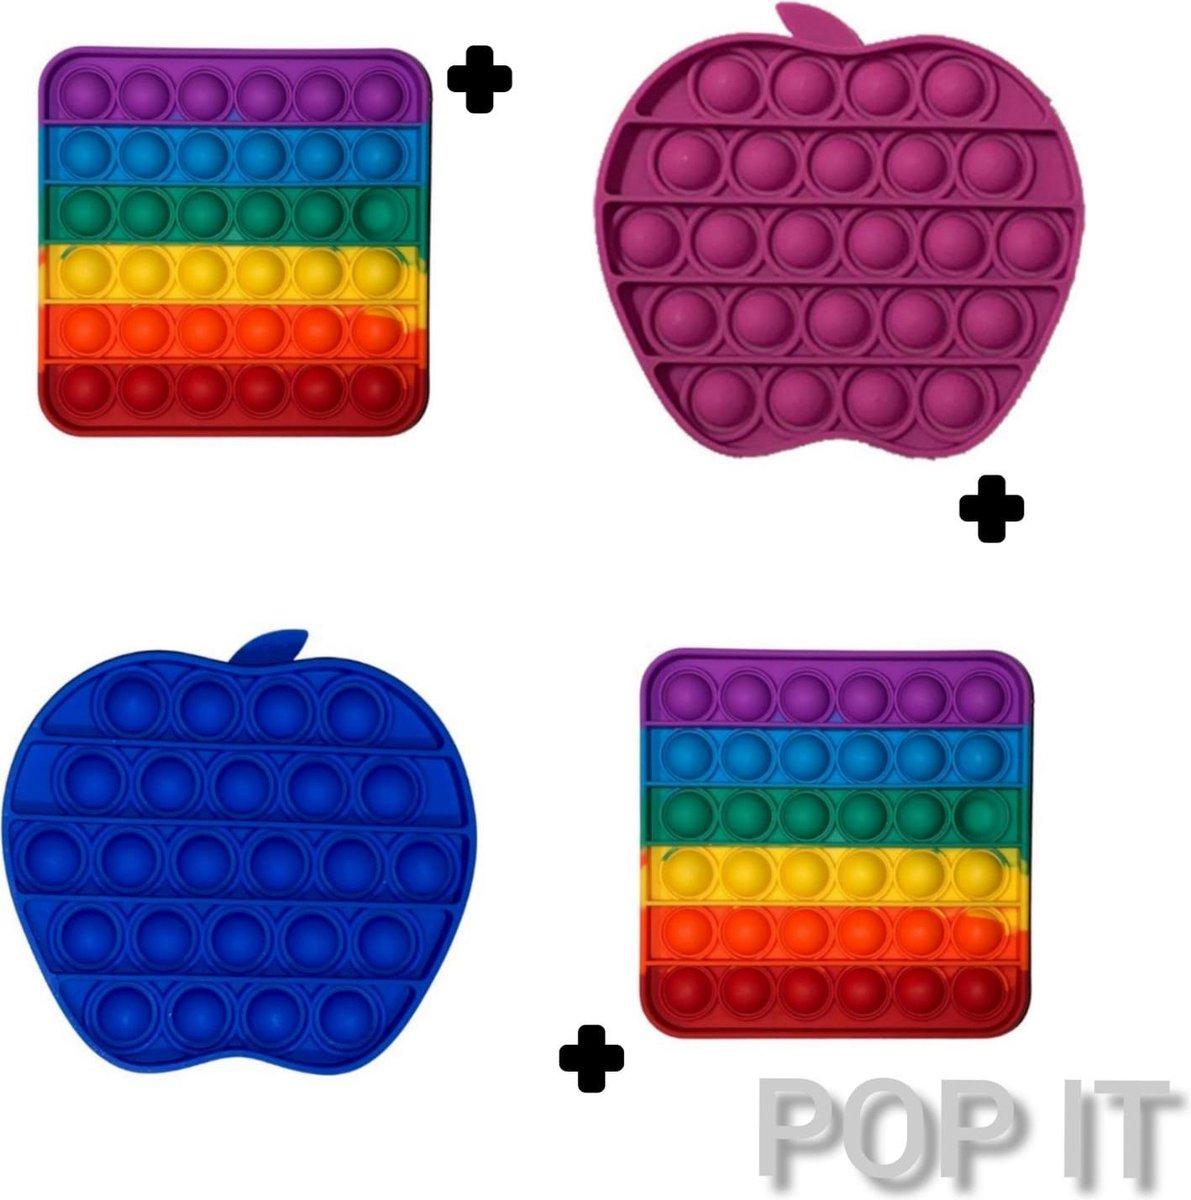 Fidget toys | Pop it pakket van 4 stuks | 2x Rainbow vierkant + Appel paars & blauw | Meisjes jongens volwassenen _ Anti stress 2021 _ Verjaardag cadeautip _ Leuk voor zwembad